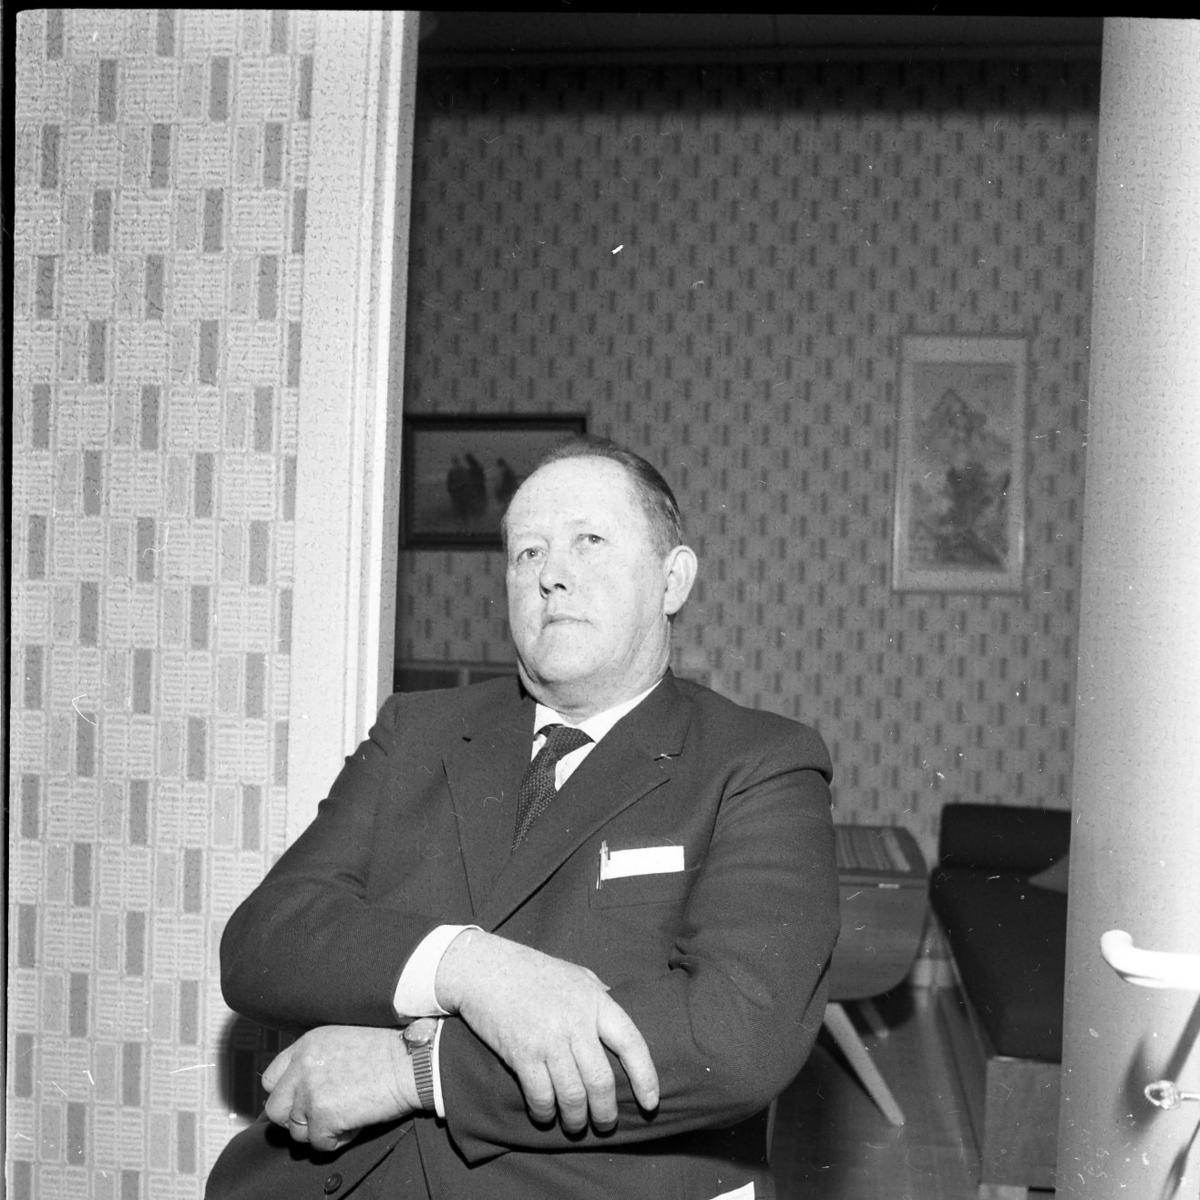 Porträtt av Henry Larsson, kommunalnämndens ordförande.